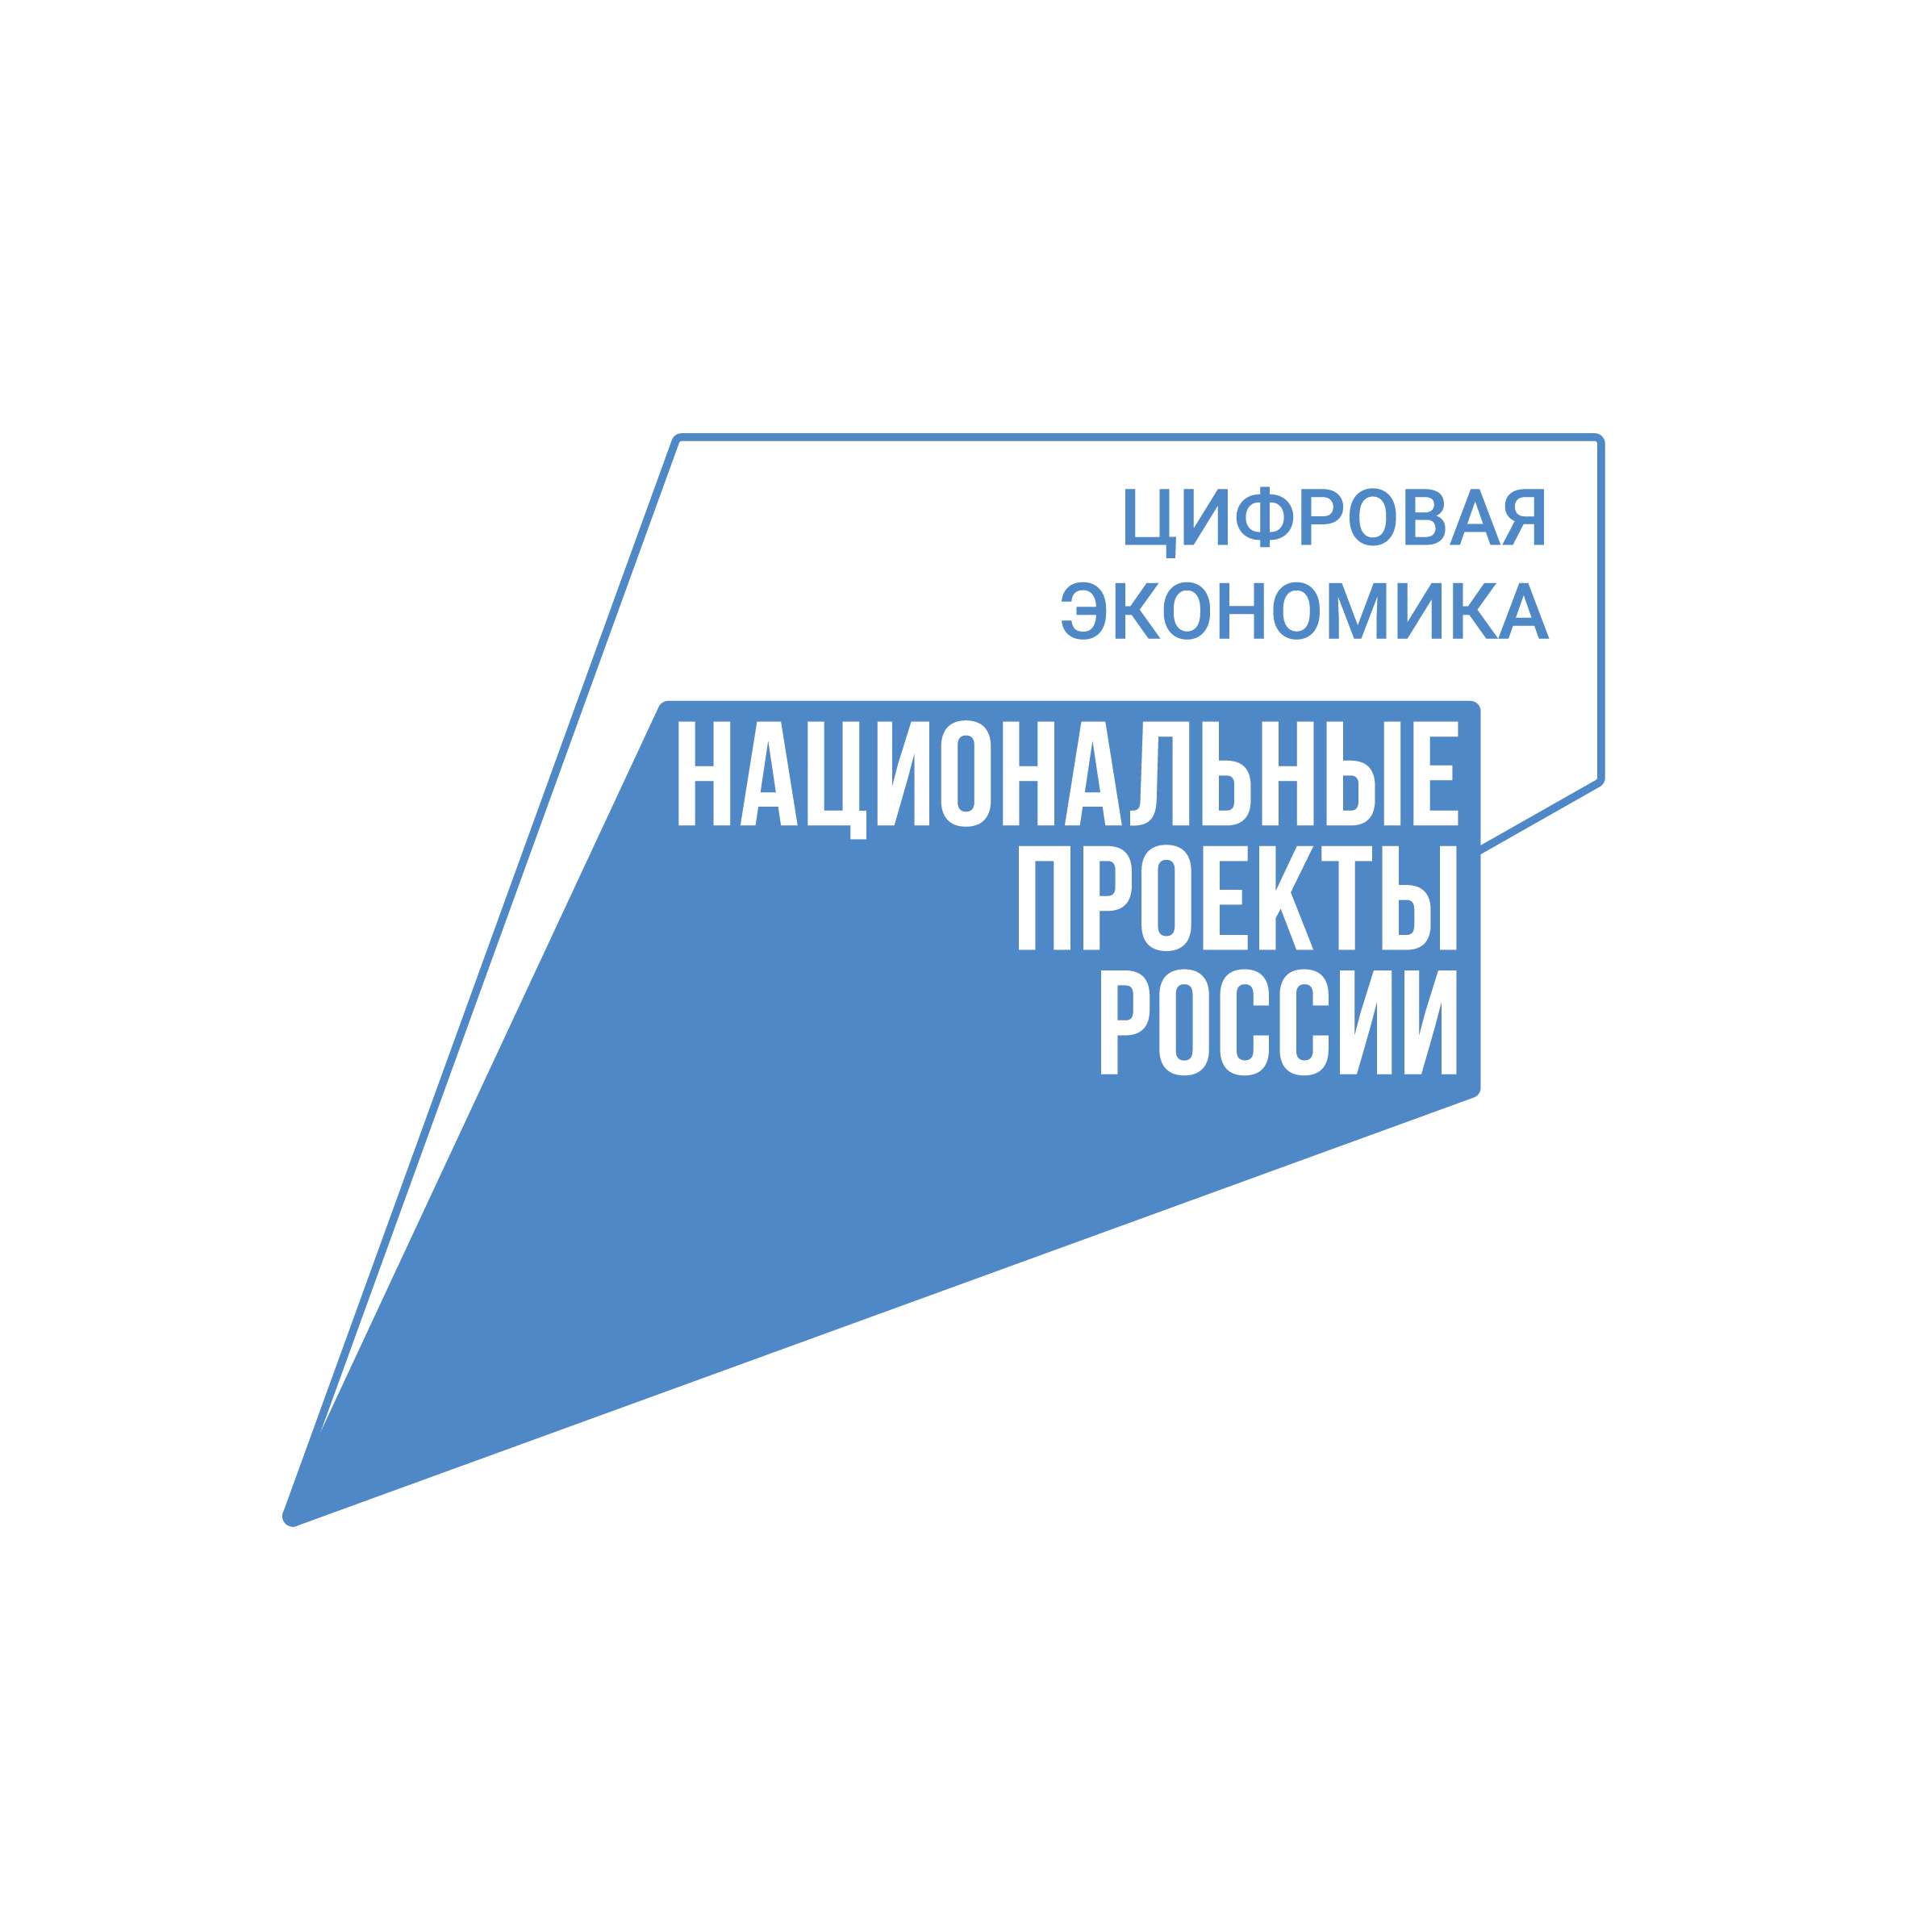 Цифровая экономика Российской Федерации